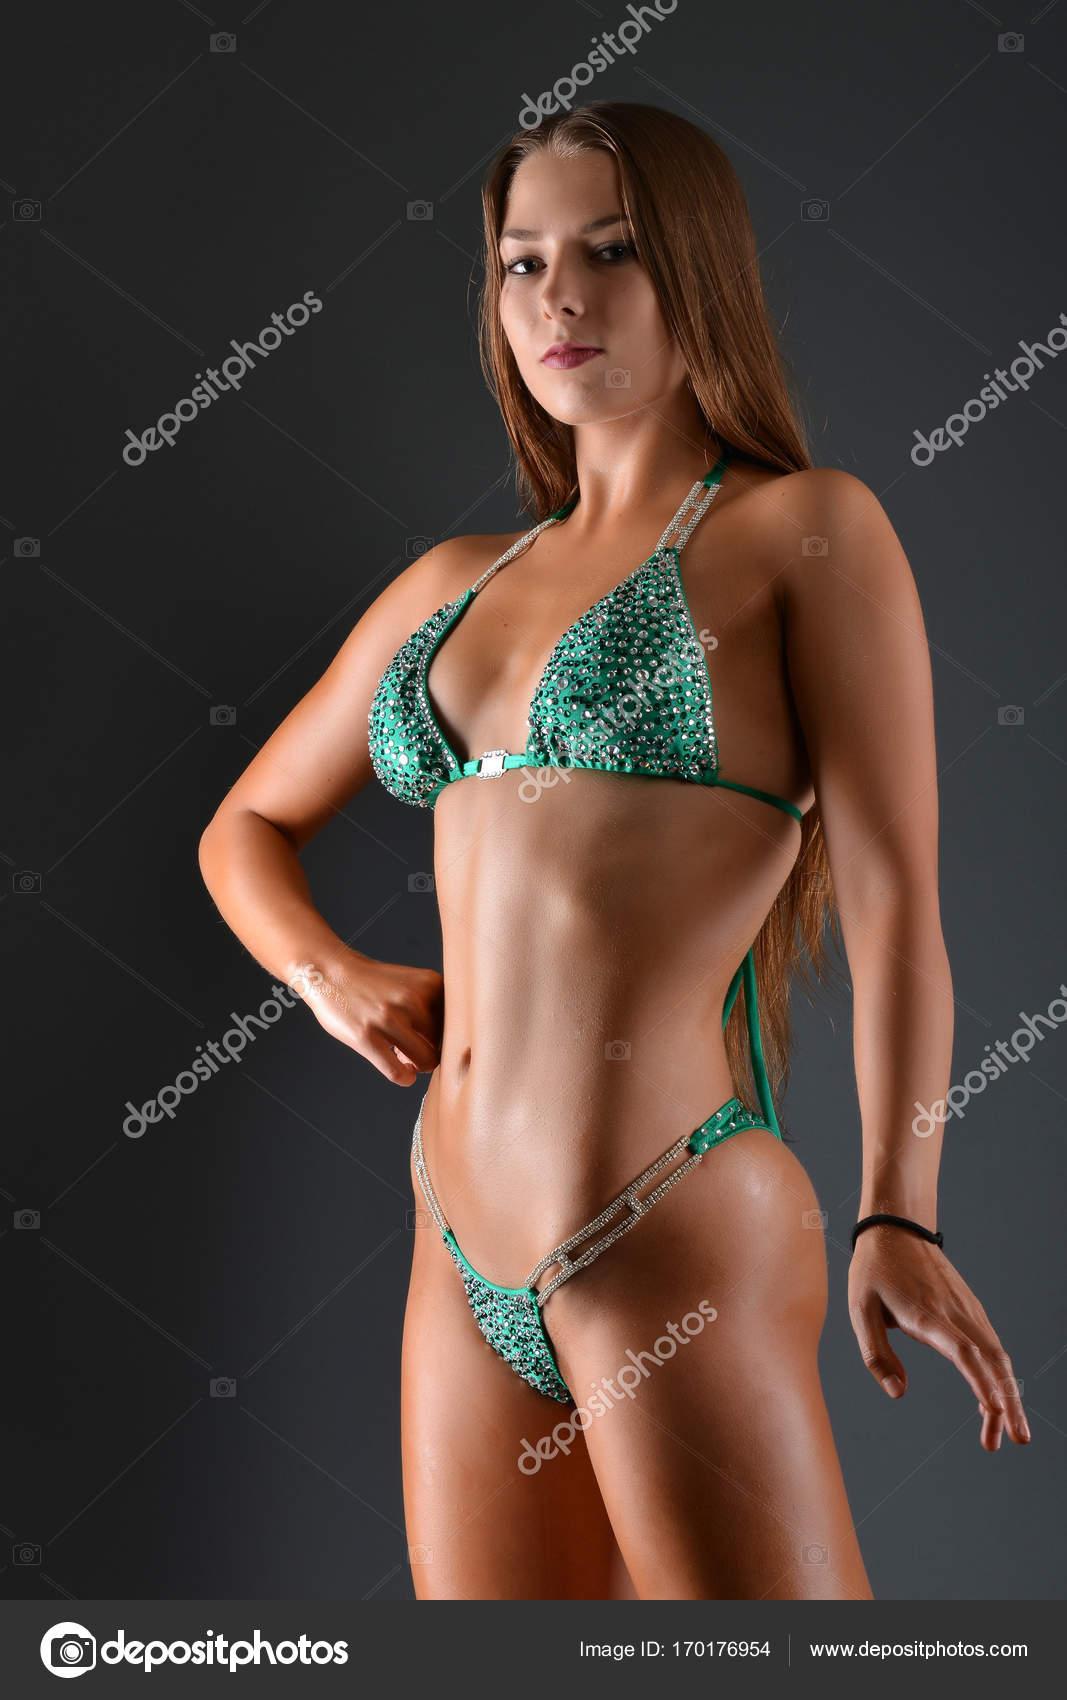 phrase... super, bubble butt latina porn are mistaken